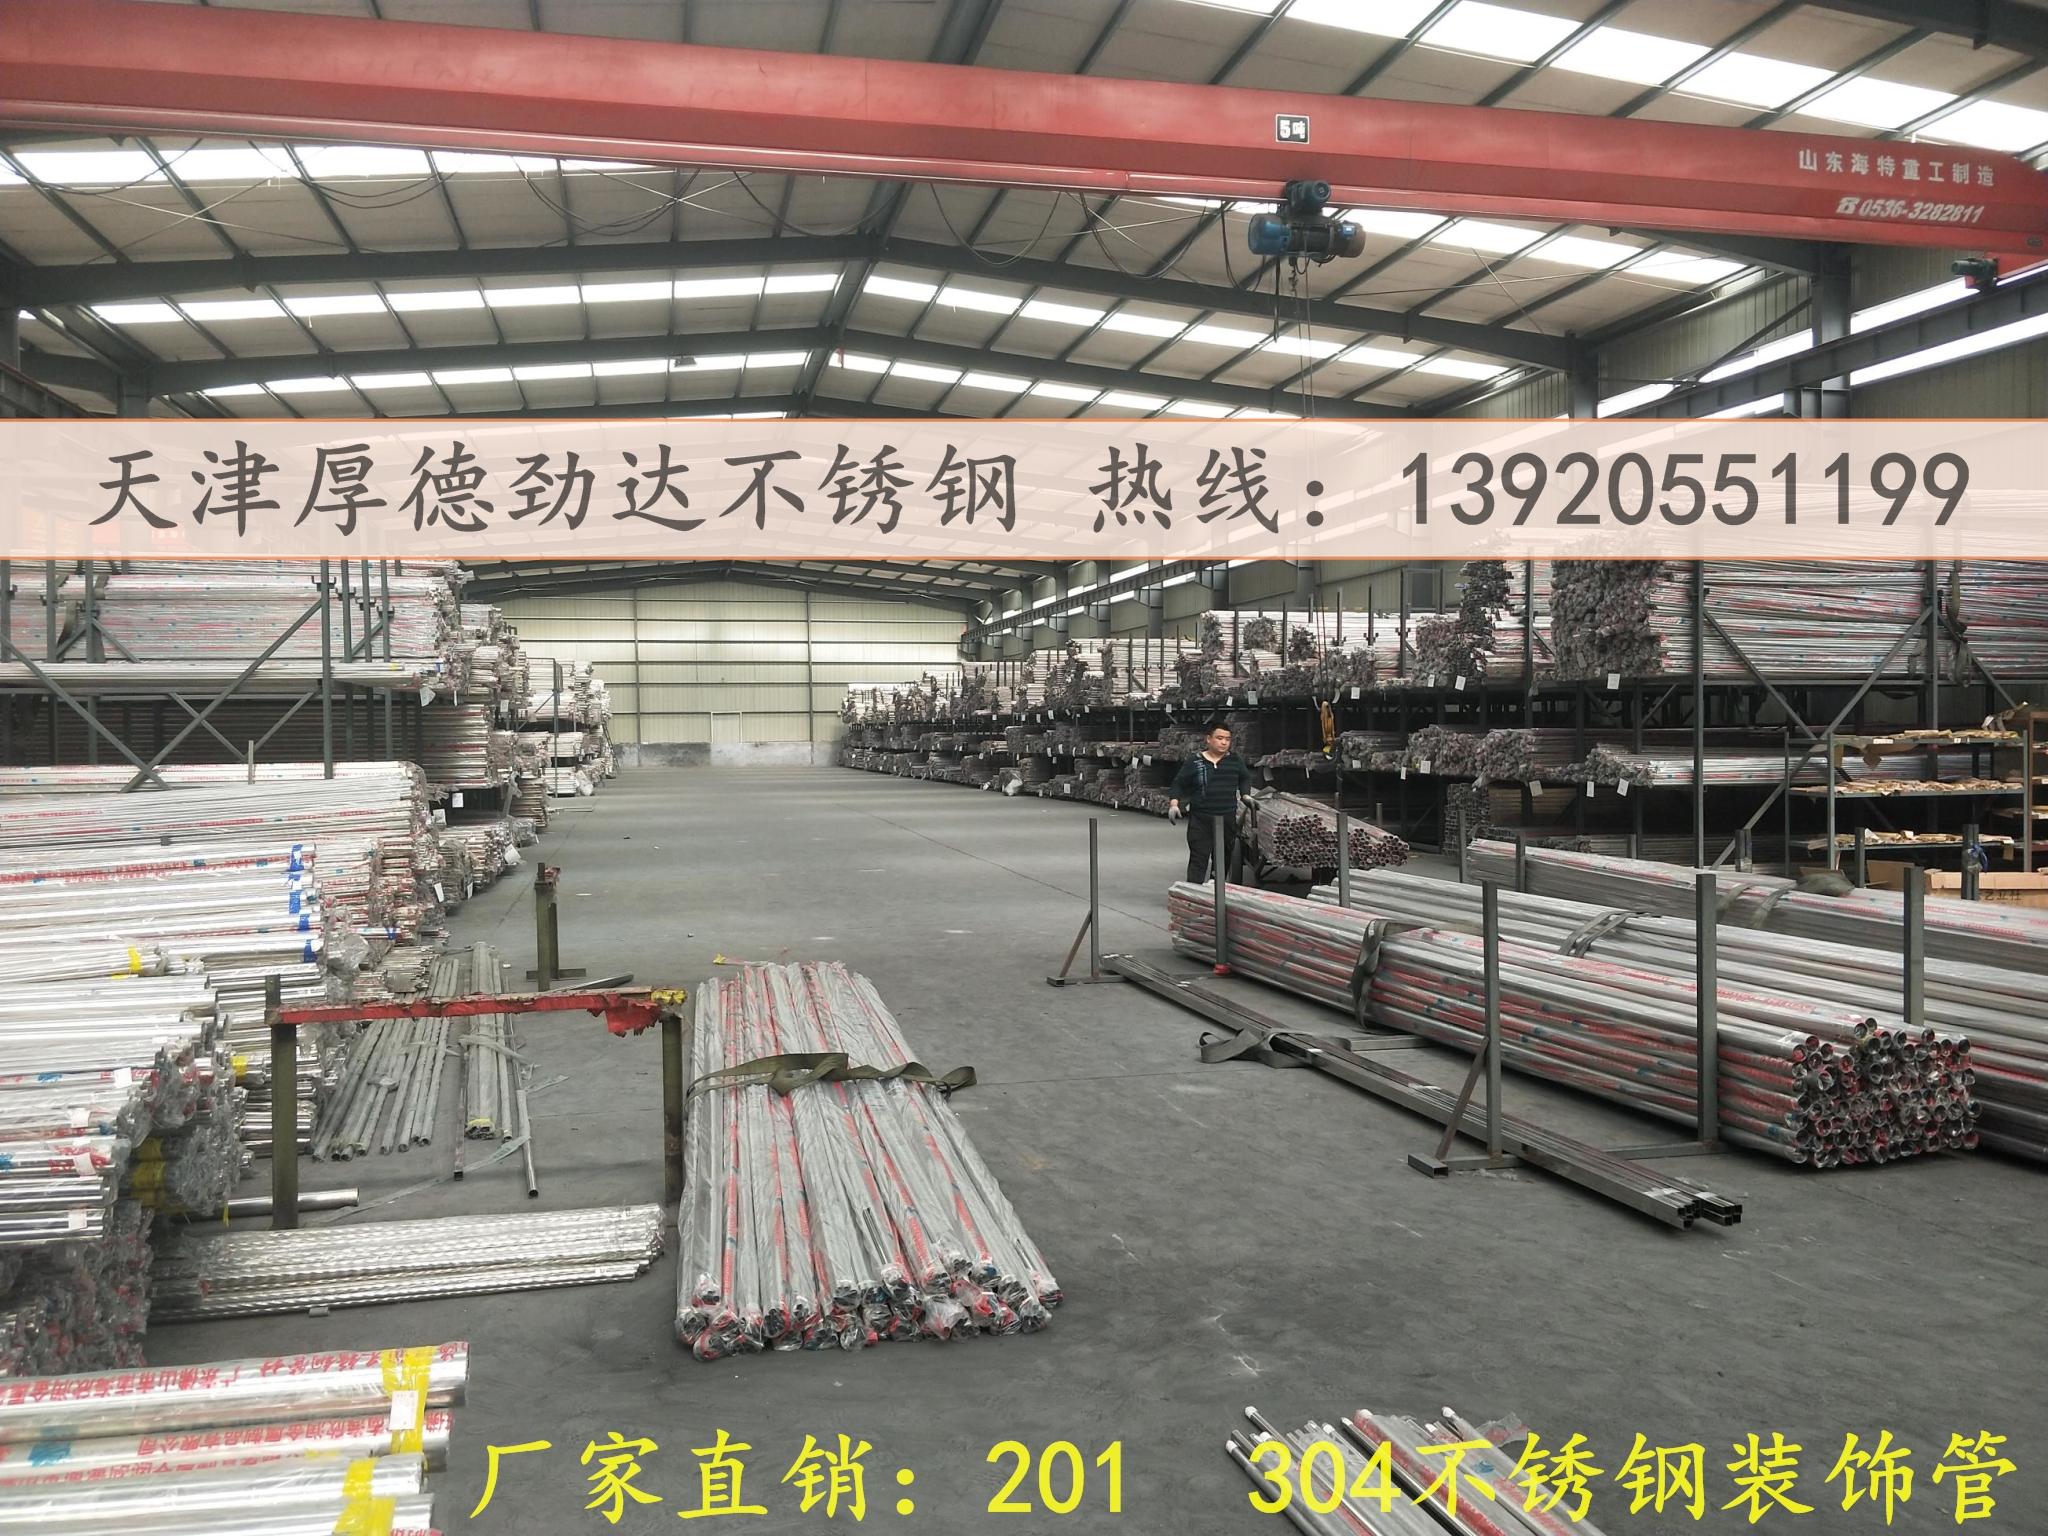 不锈钢装饰管厂家直销,201装饰管,304装饰管,不锈钢装饰方矩管批发